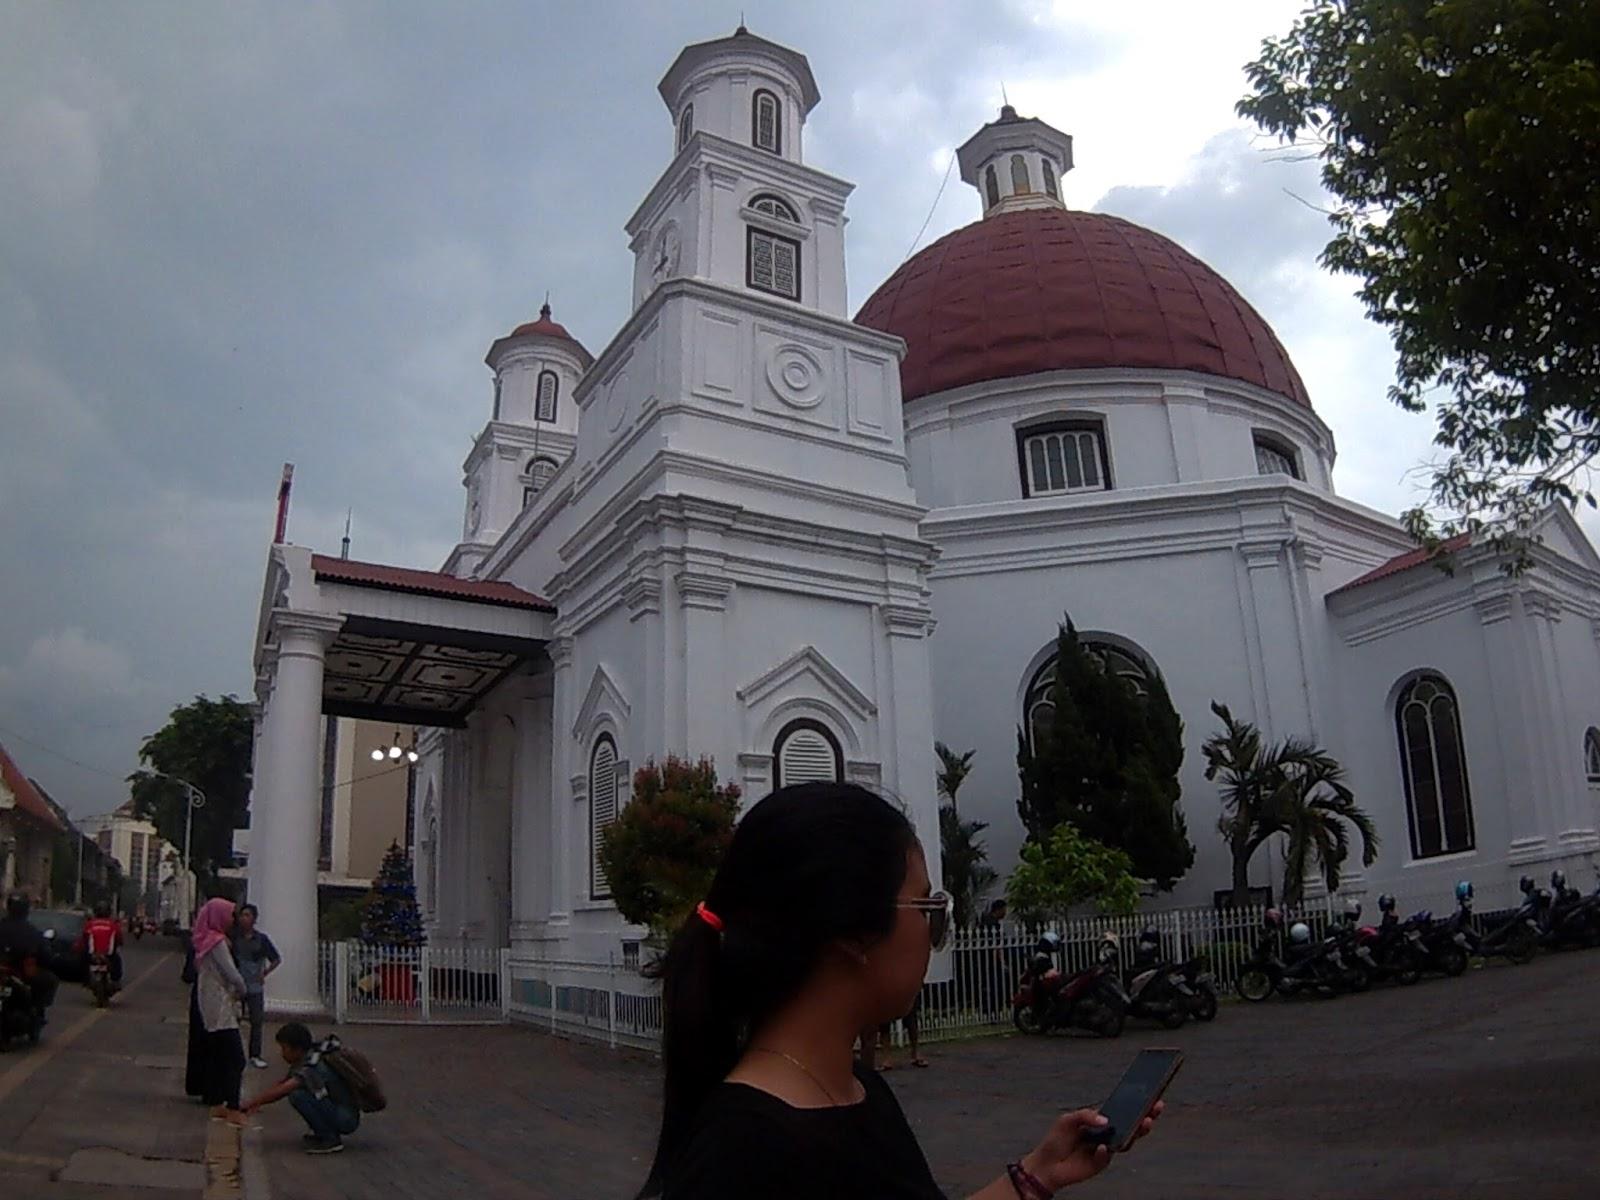 Indriani Blog Explore Kota Semarang Bagian 2 3 Gereja Blenduk